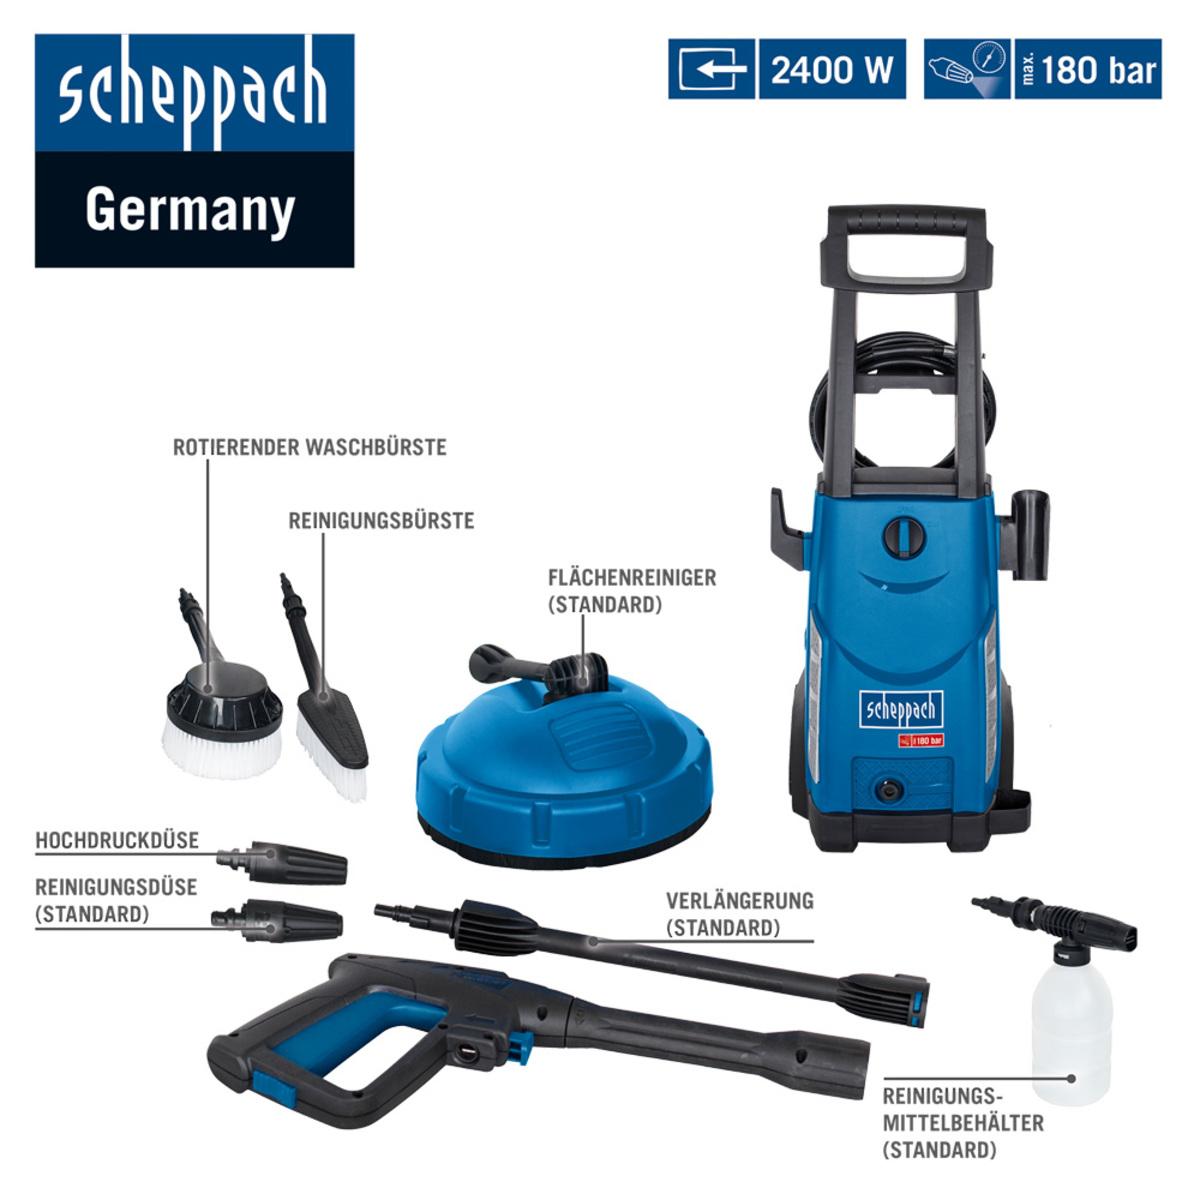 Bild 2 von Scheppach Hochdruckreiniger HCE 2400